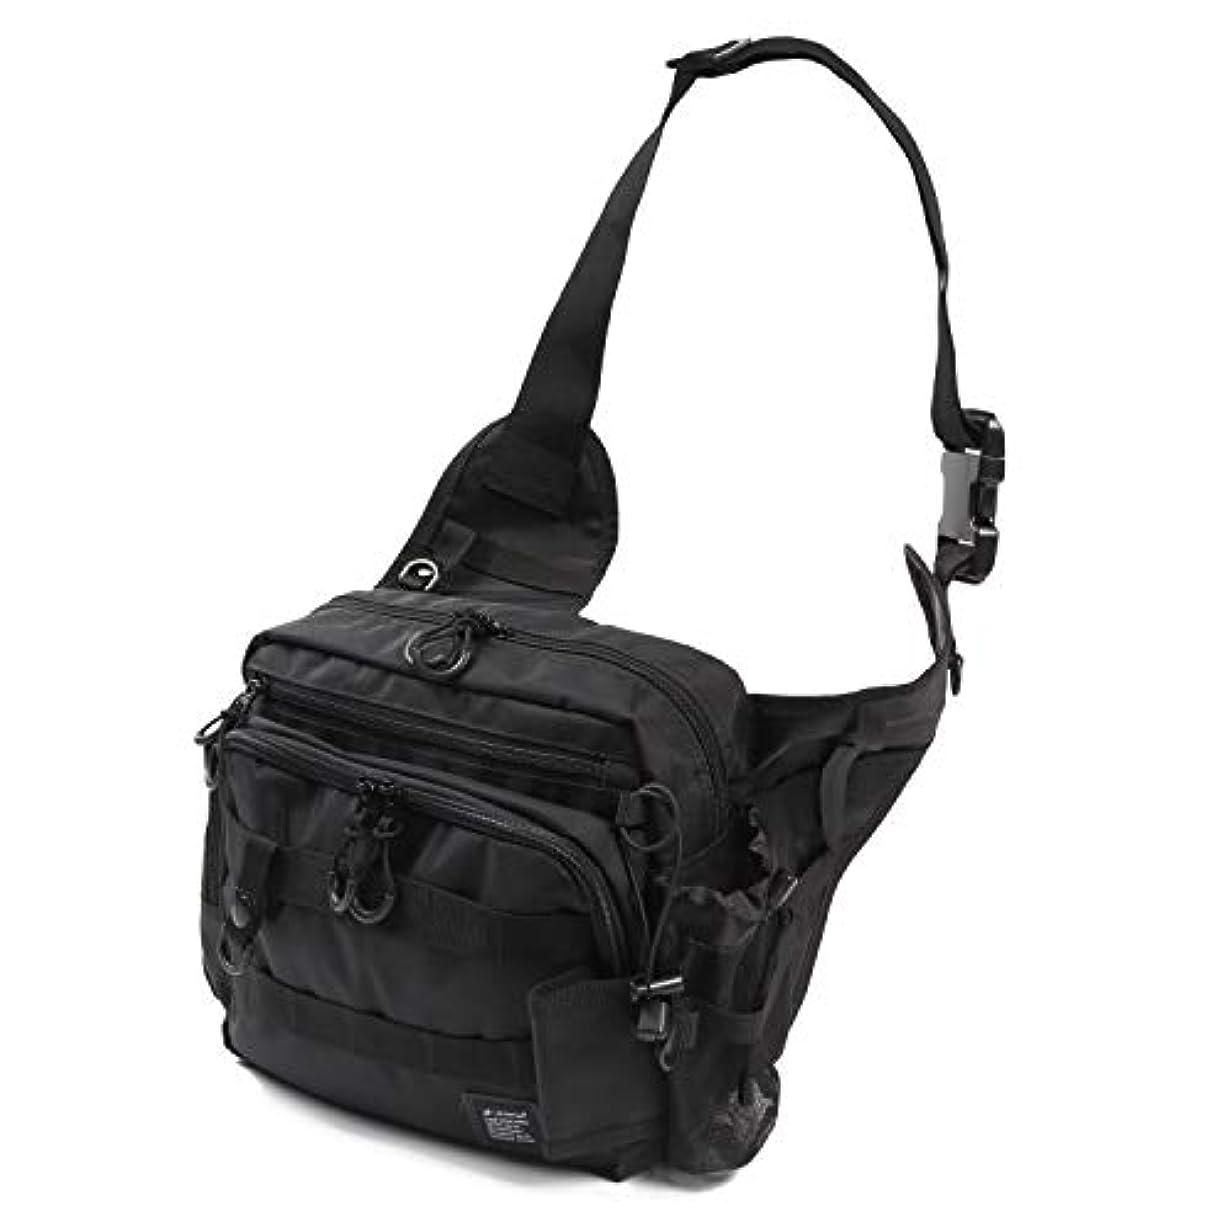 ありそう優しさ忌み嫌うLeastat フィッシングバッグ ロッドホルダー付き 大容量 軽量 ワンショルダー バッグ タックルバッグ ランガン バッグ